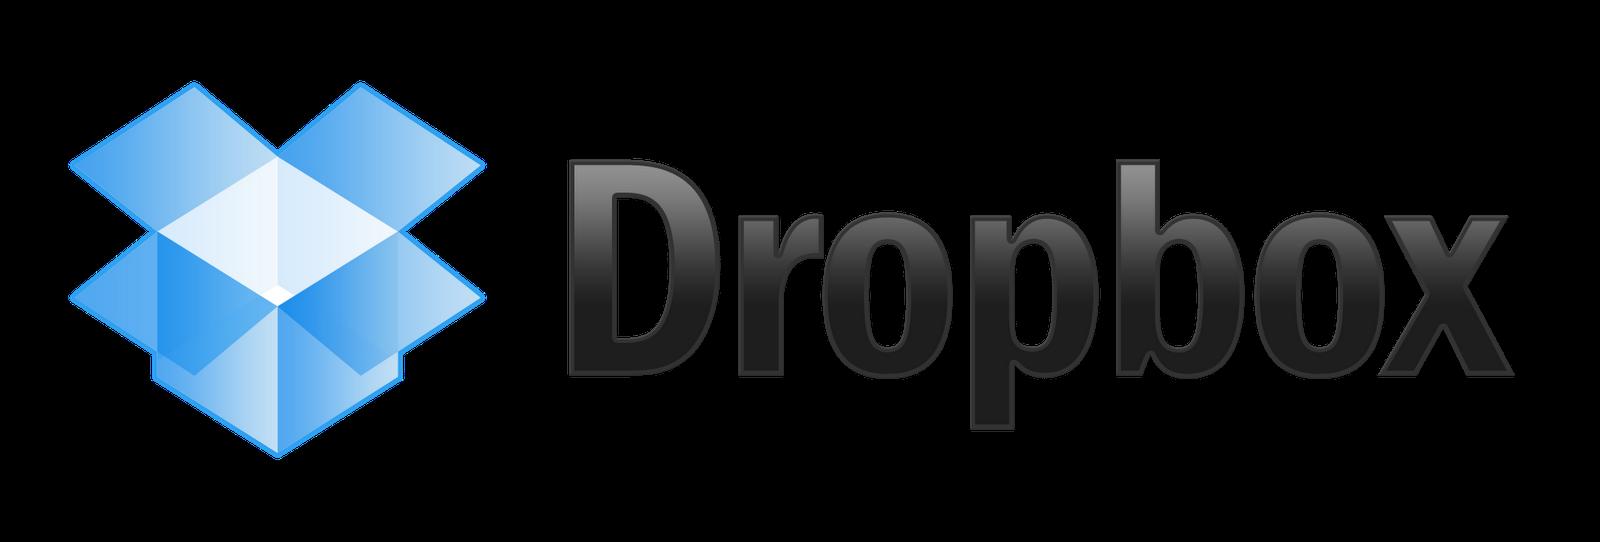 Dropbox リムーバブルメディア